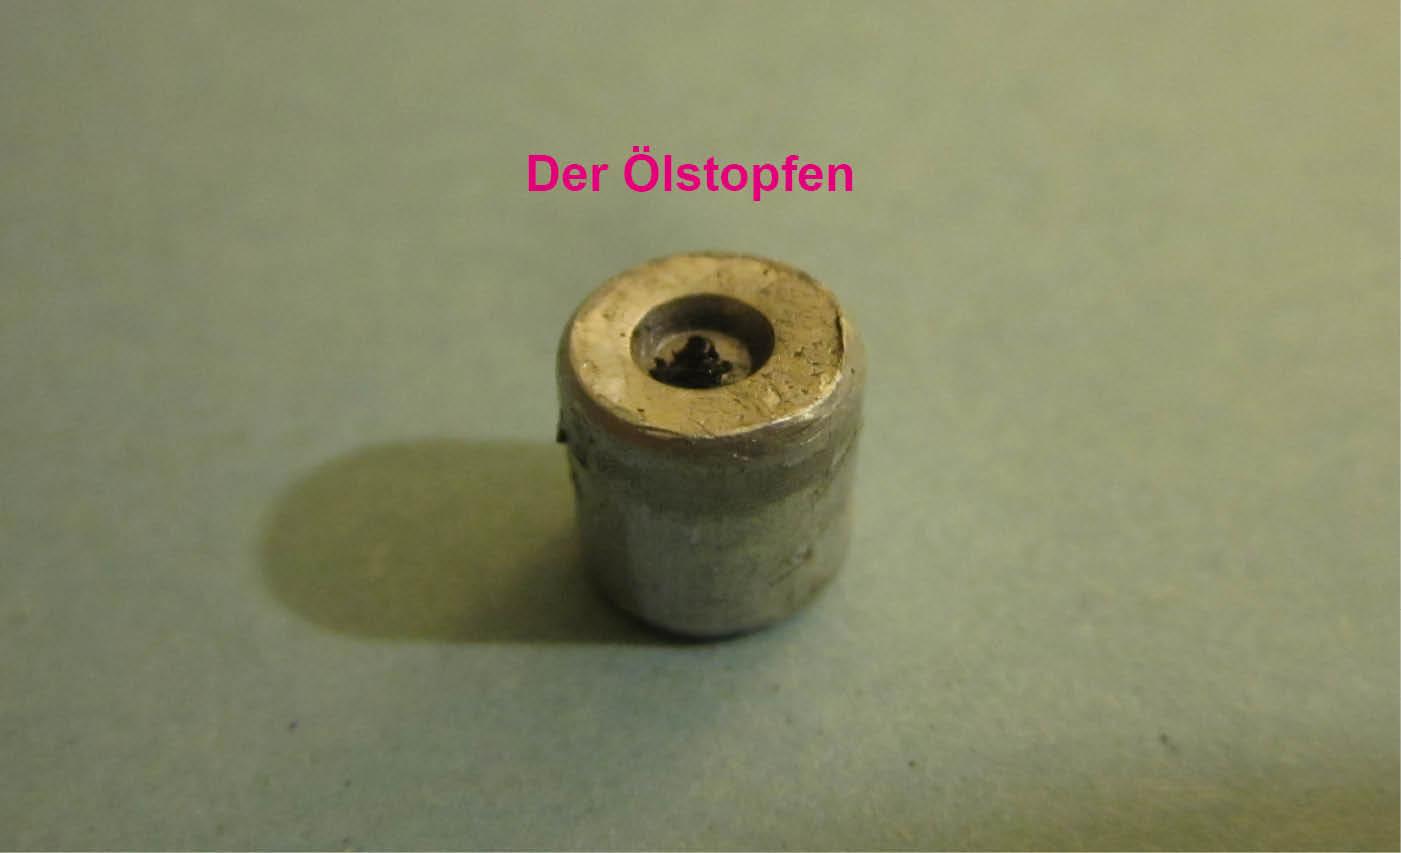 Schwhebel_Oelsto_1_5.jpg